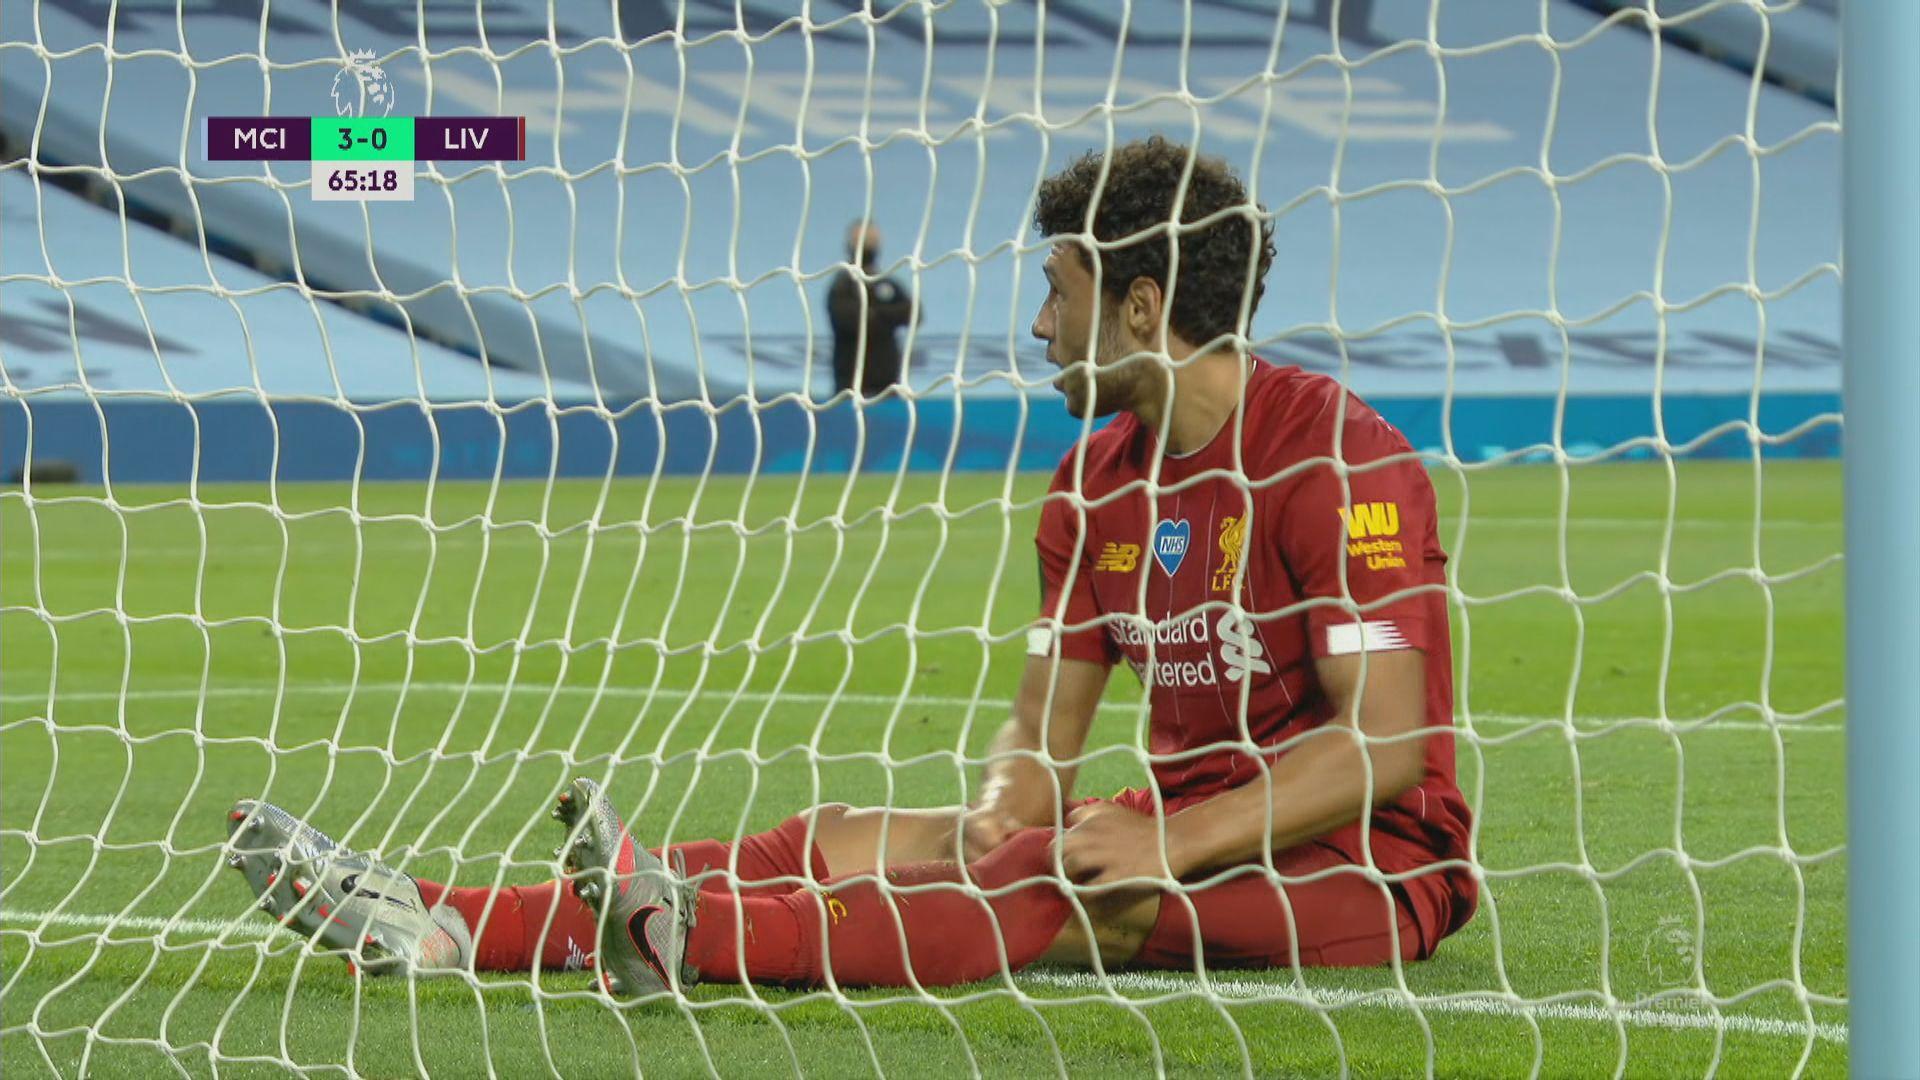 英超 曼城4:0利物浦